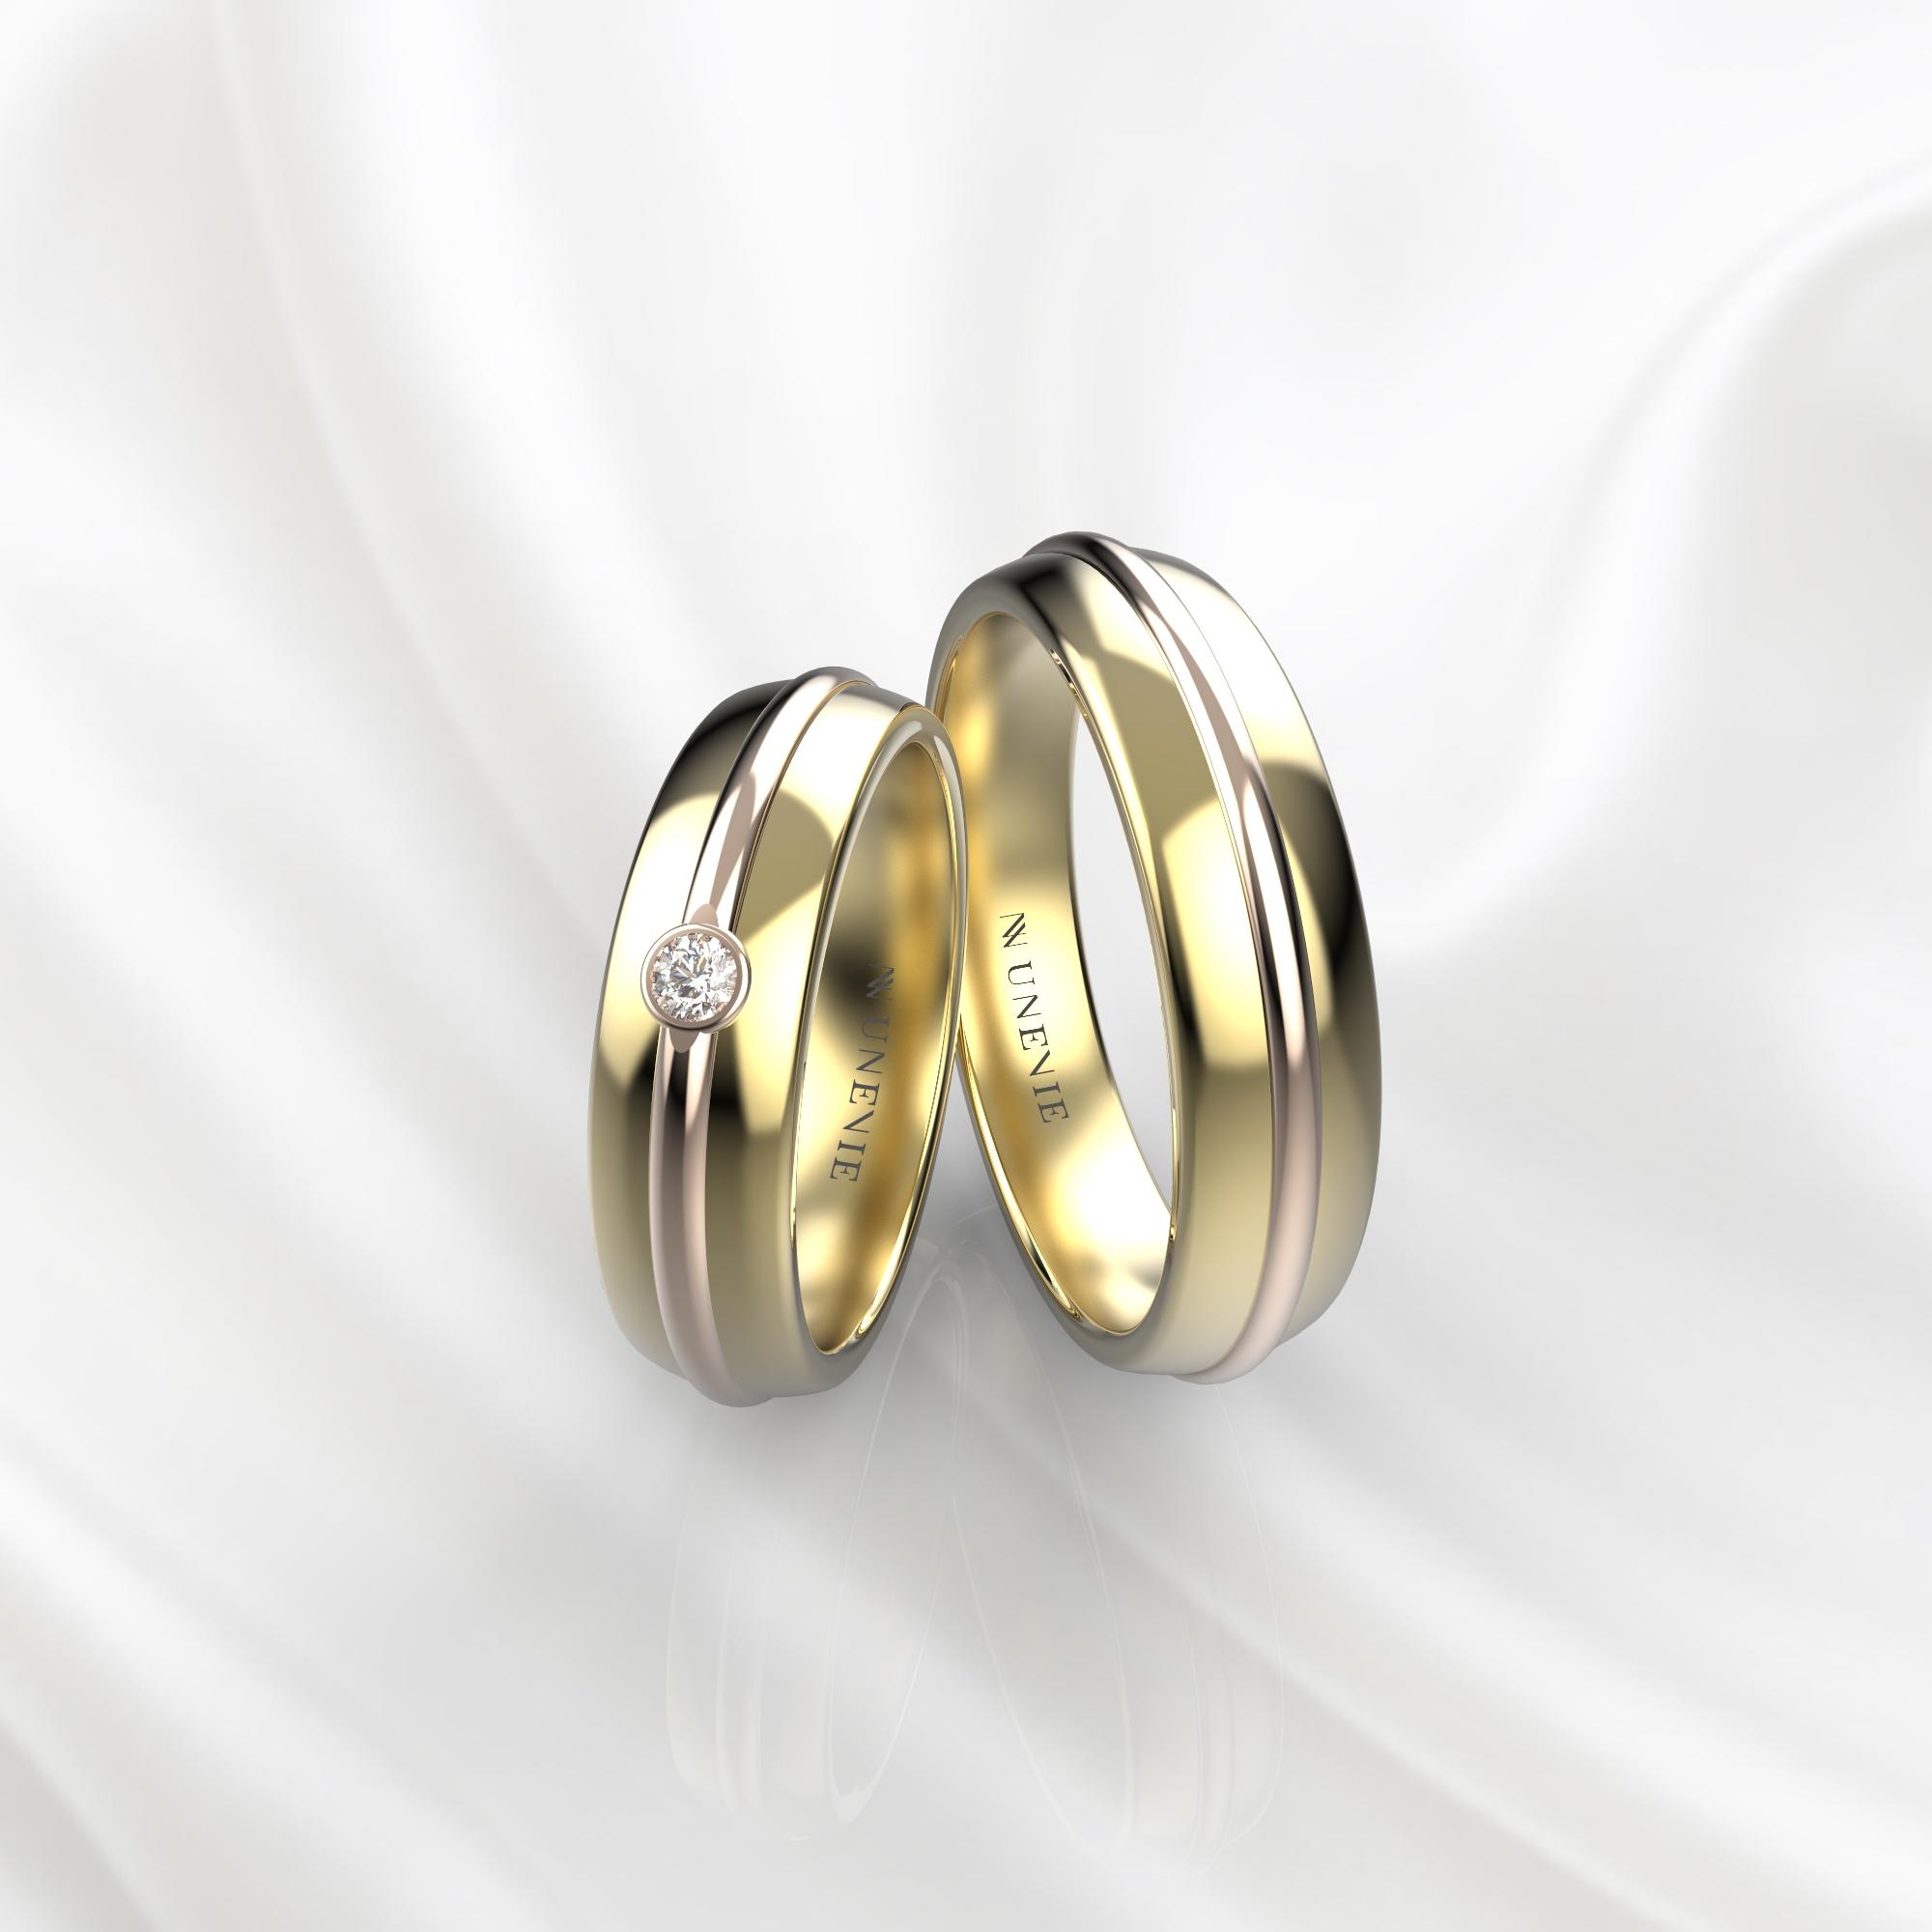 NV69 Парные обручальные кольца из желто-розового золота с бриллиантом